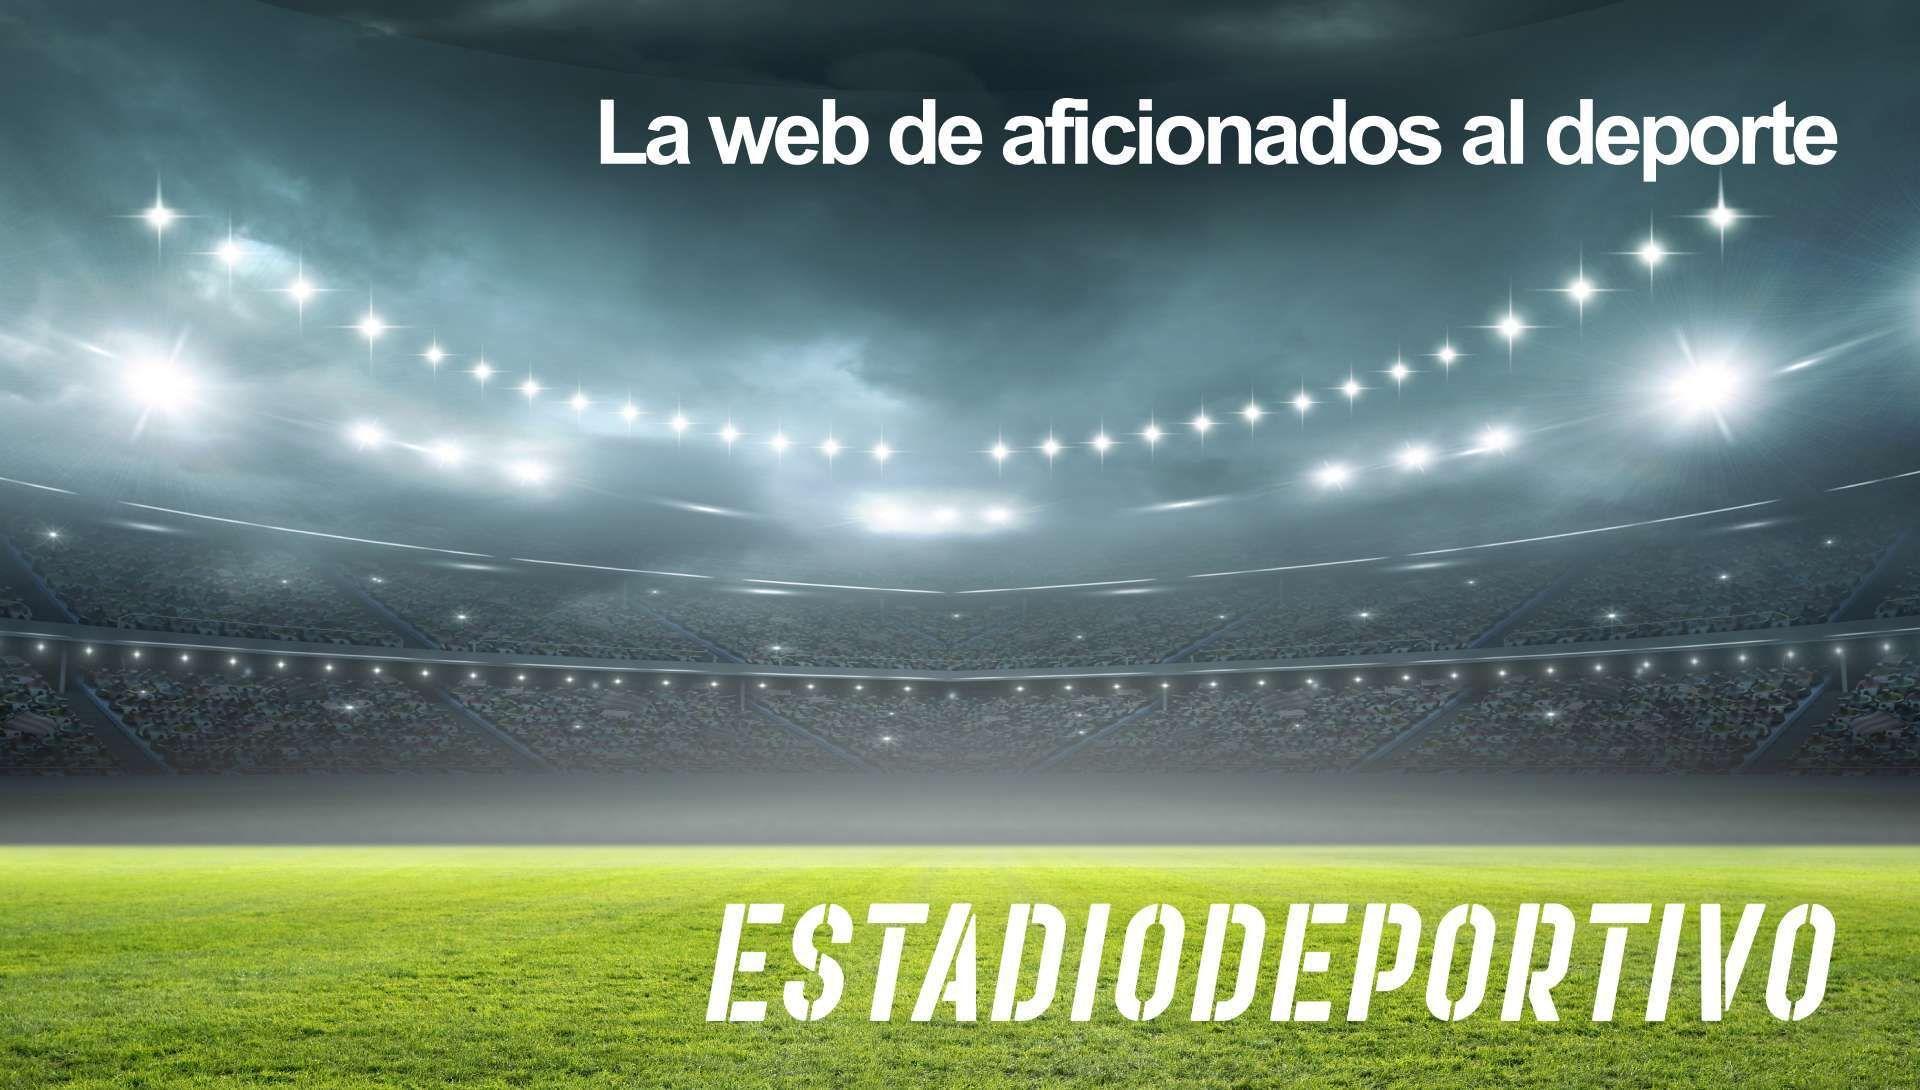 Las mejores imágenes del entrenamiento del Sevilla FC